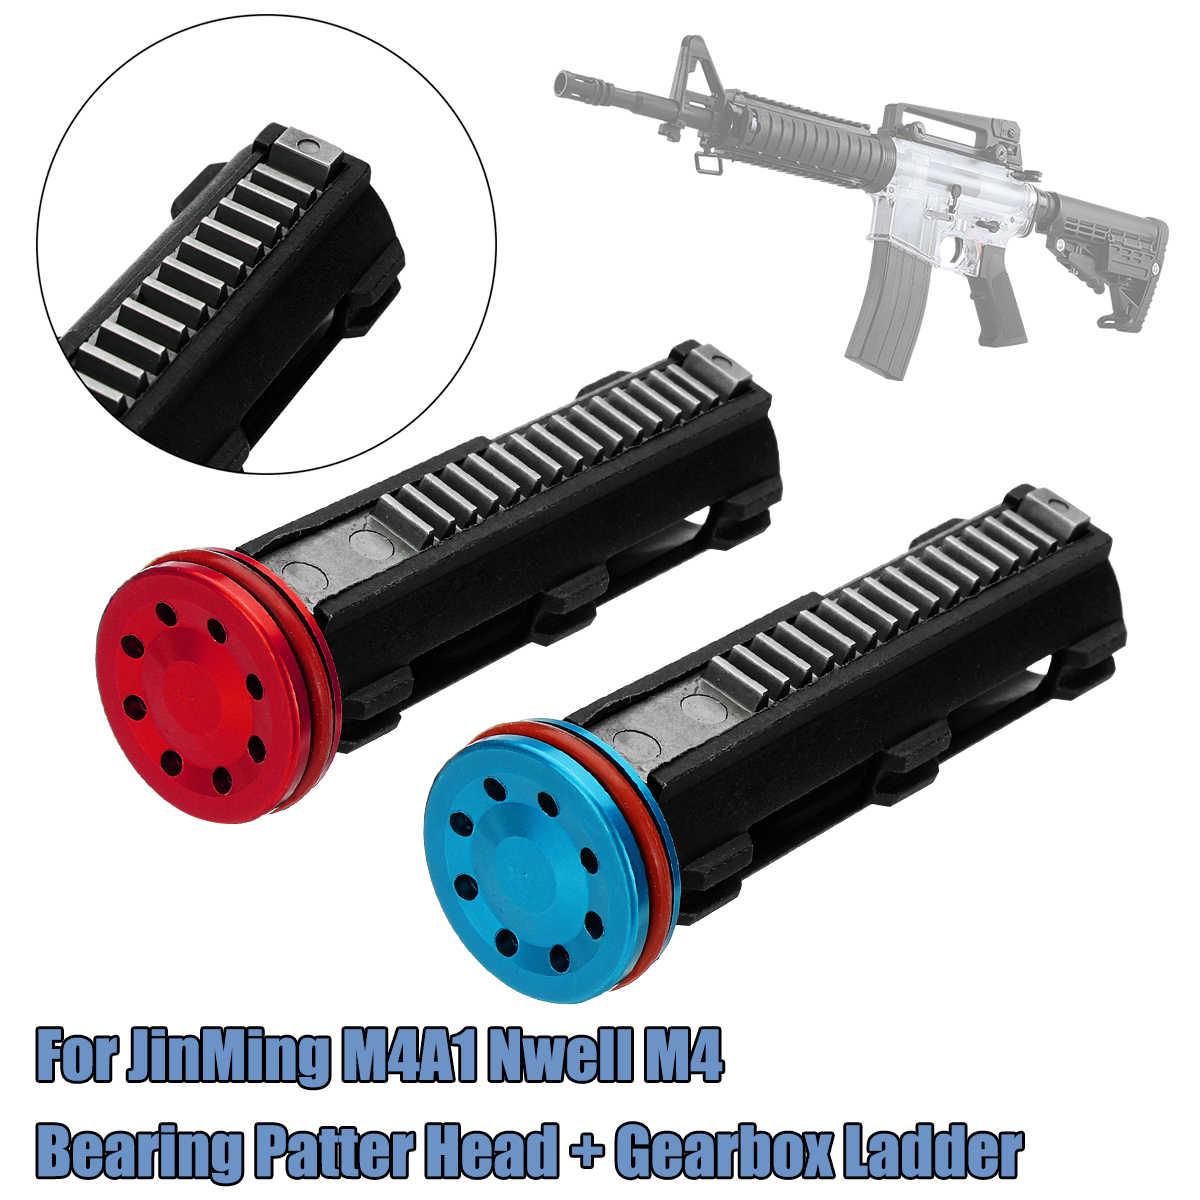 Подшипник рисунок головы с распределительной коробкой лестница для Jinming/M4A1/nwell/M4 игрушка Пистолеты Шестерни коробка лестница подшипник рисунок головы